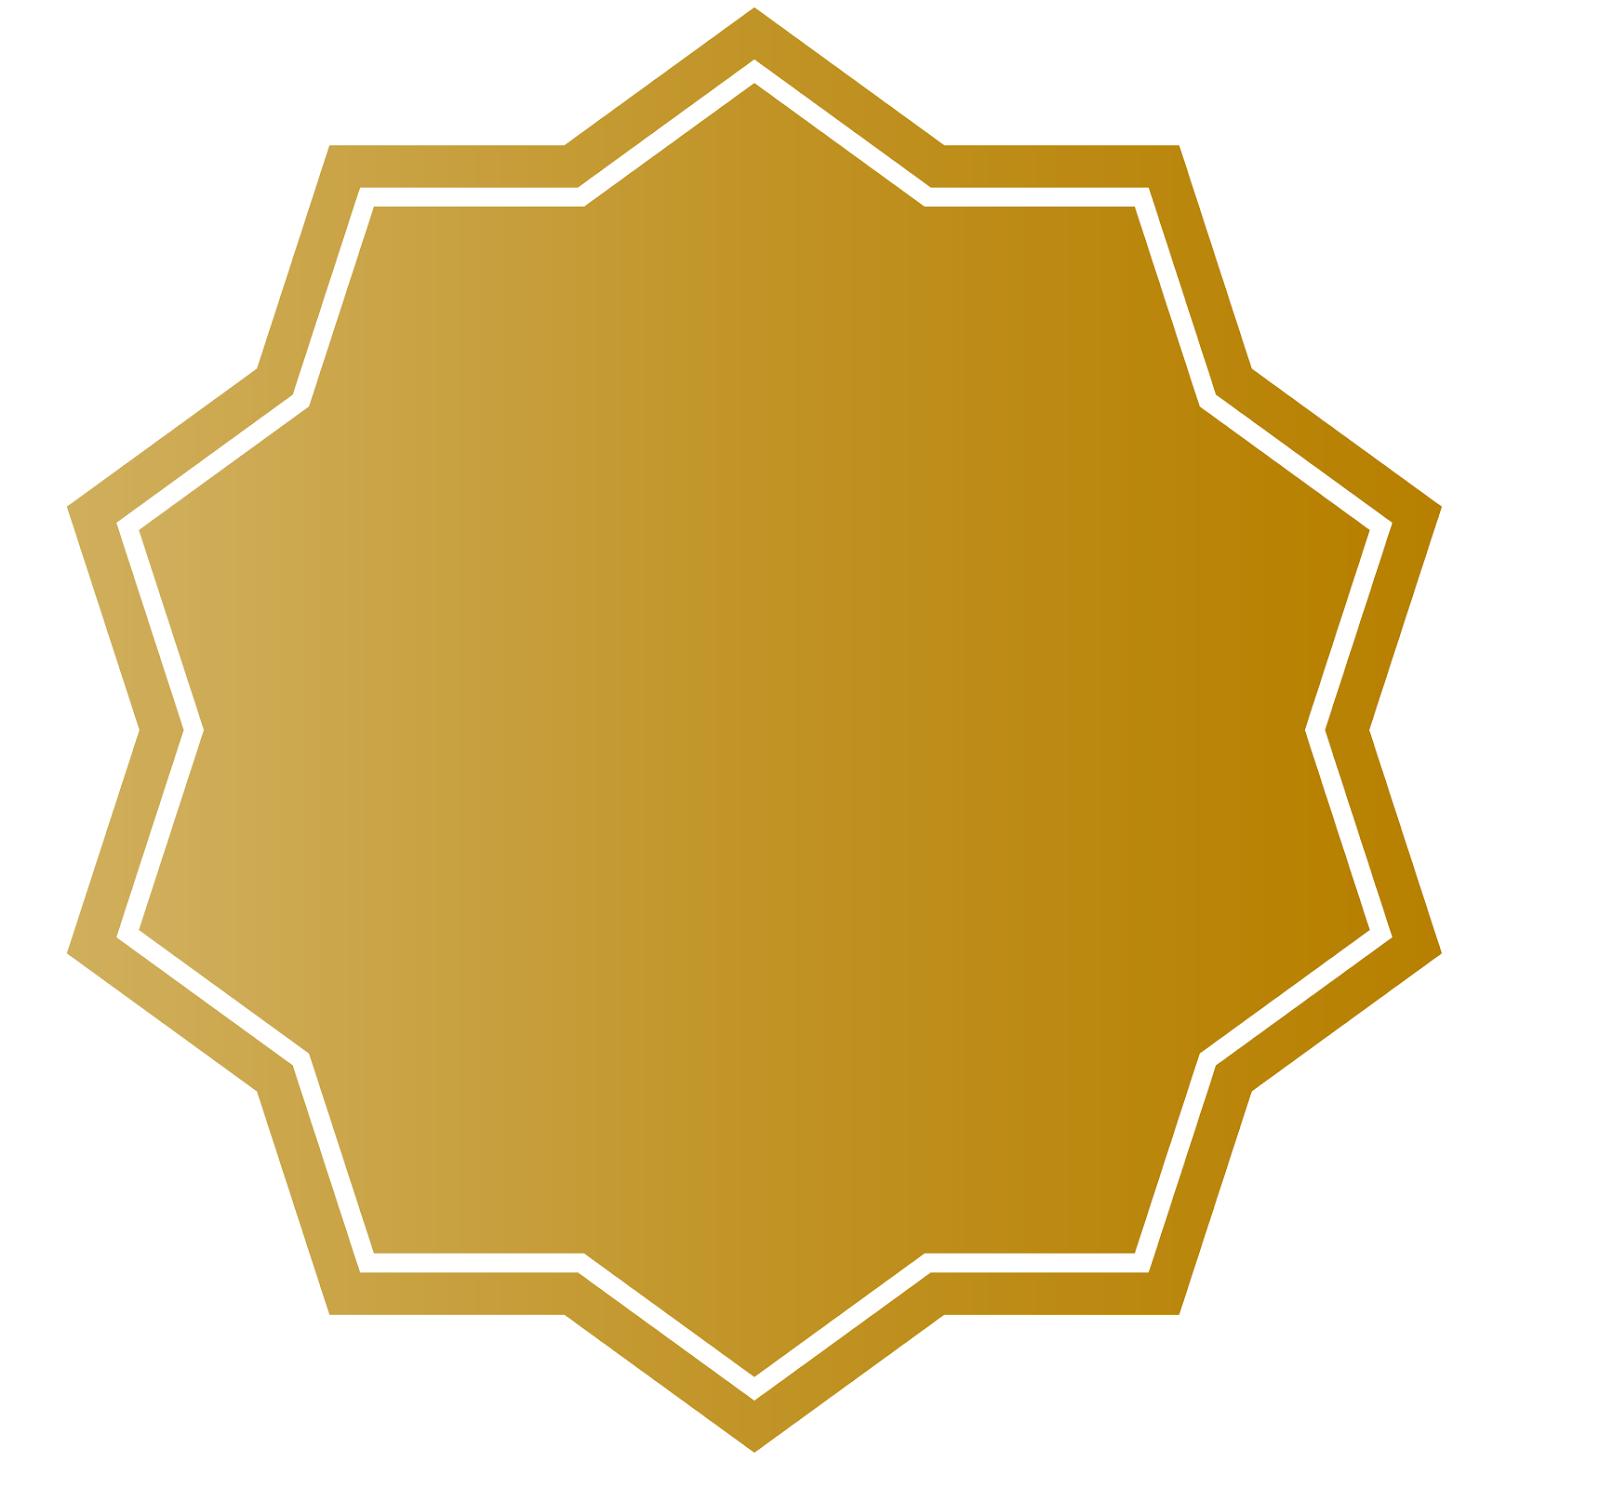 أفضل الصور و الشعارات لوجو إسلامية للتصميم Best Islamic Logo 2020